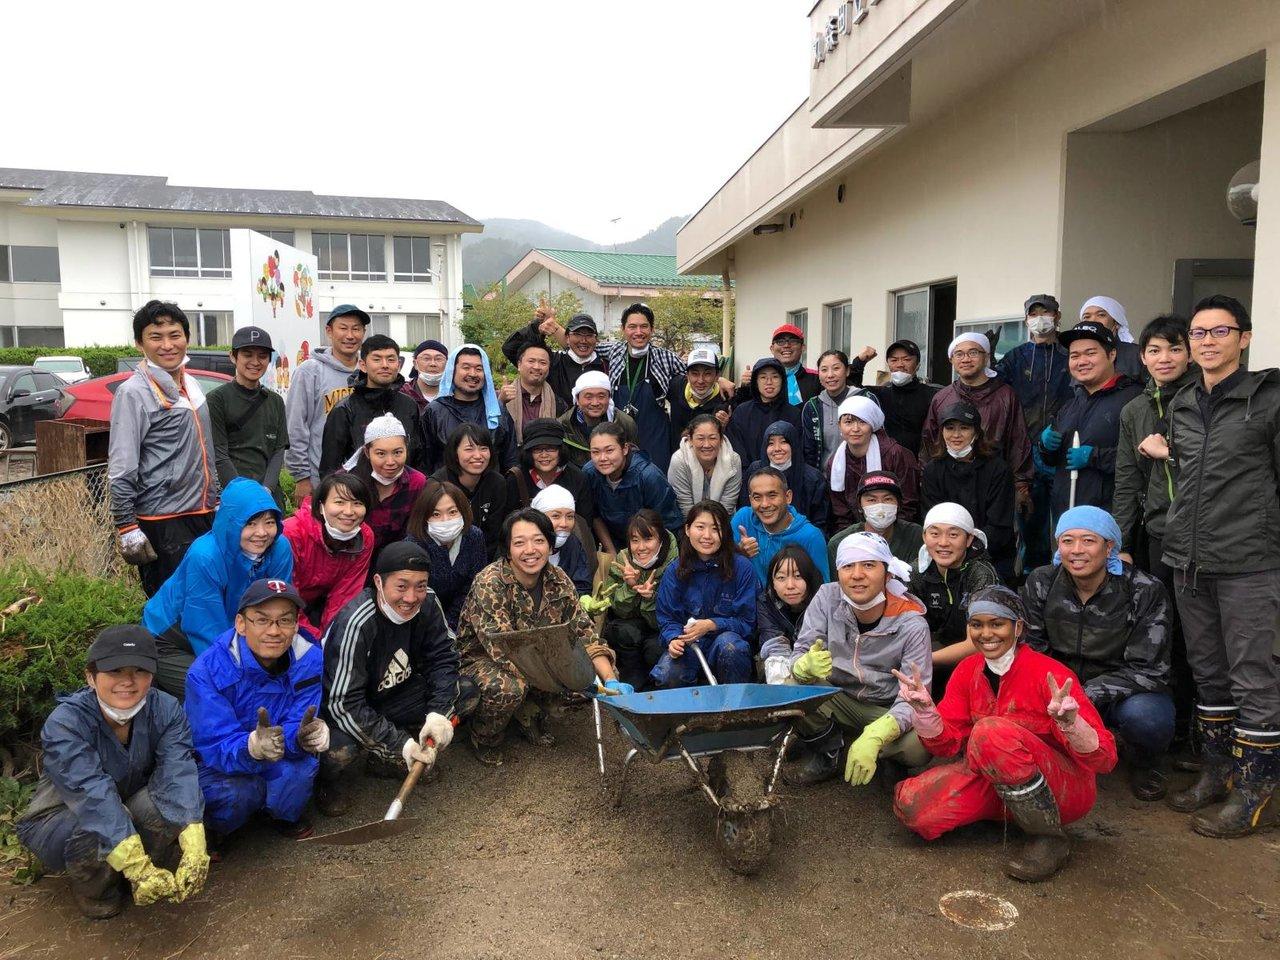 実力不足や台風被害―小さな町の太鼓集団が苦難を乗り越え、国内外で活躍するまでの道のり